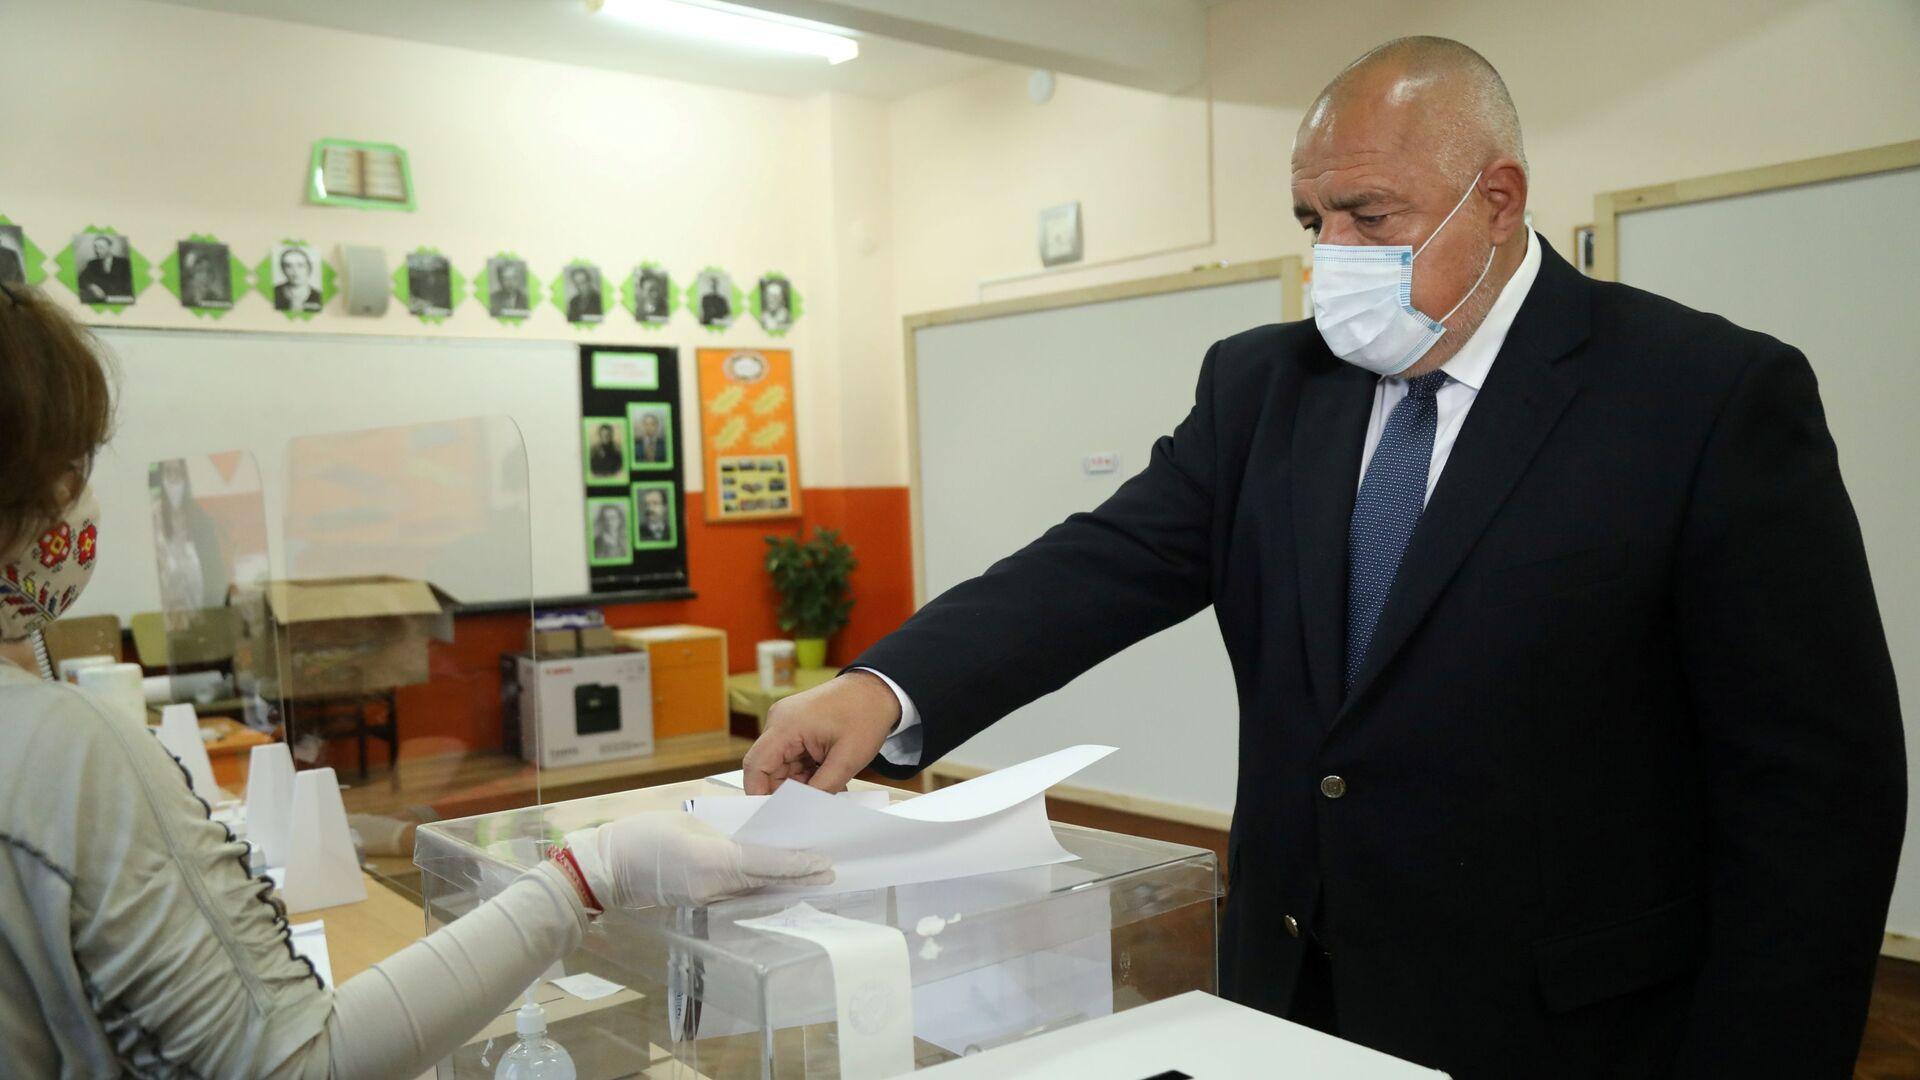 Бугарски премијер Бојко Борисов гласа на парламентарним изборима у Софији. - Sputnik Србија, 1920, 11.07.2021